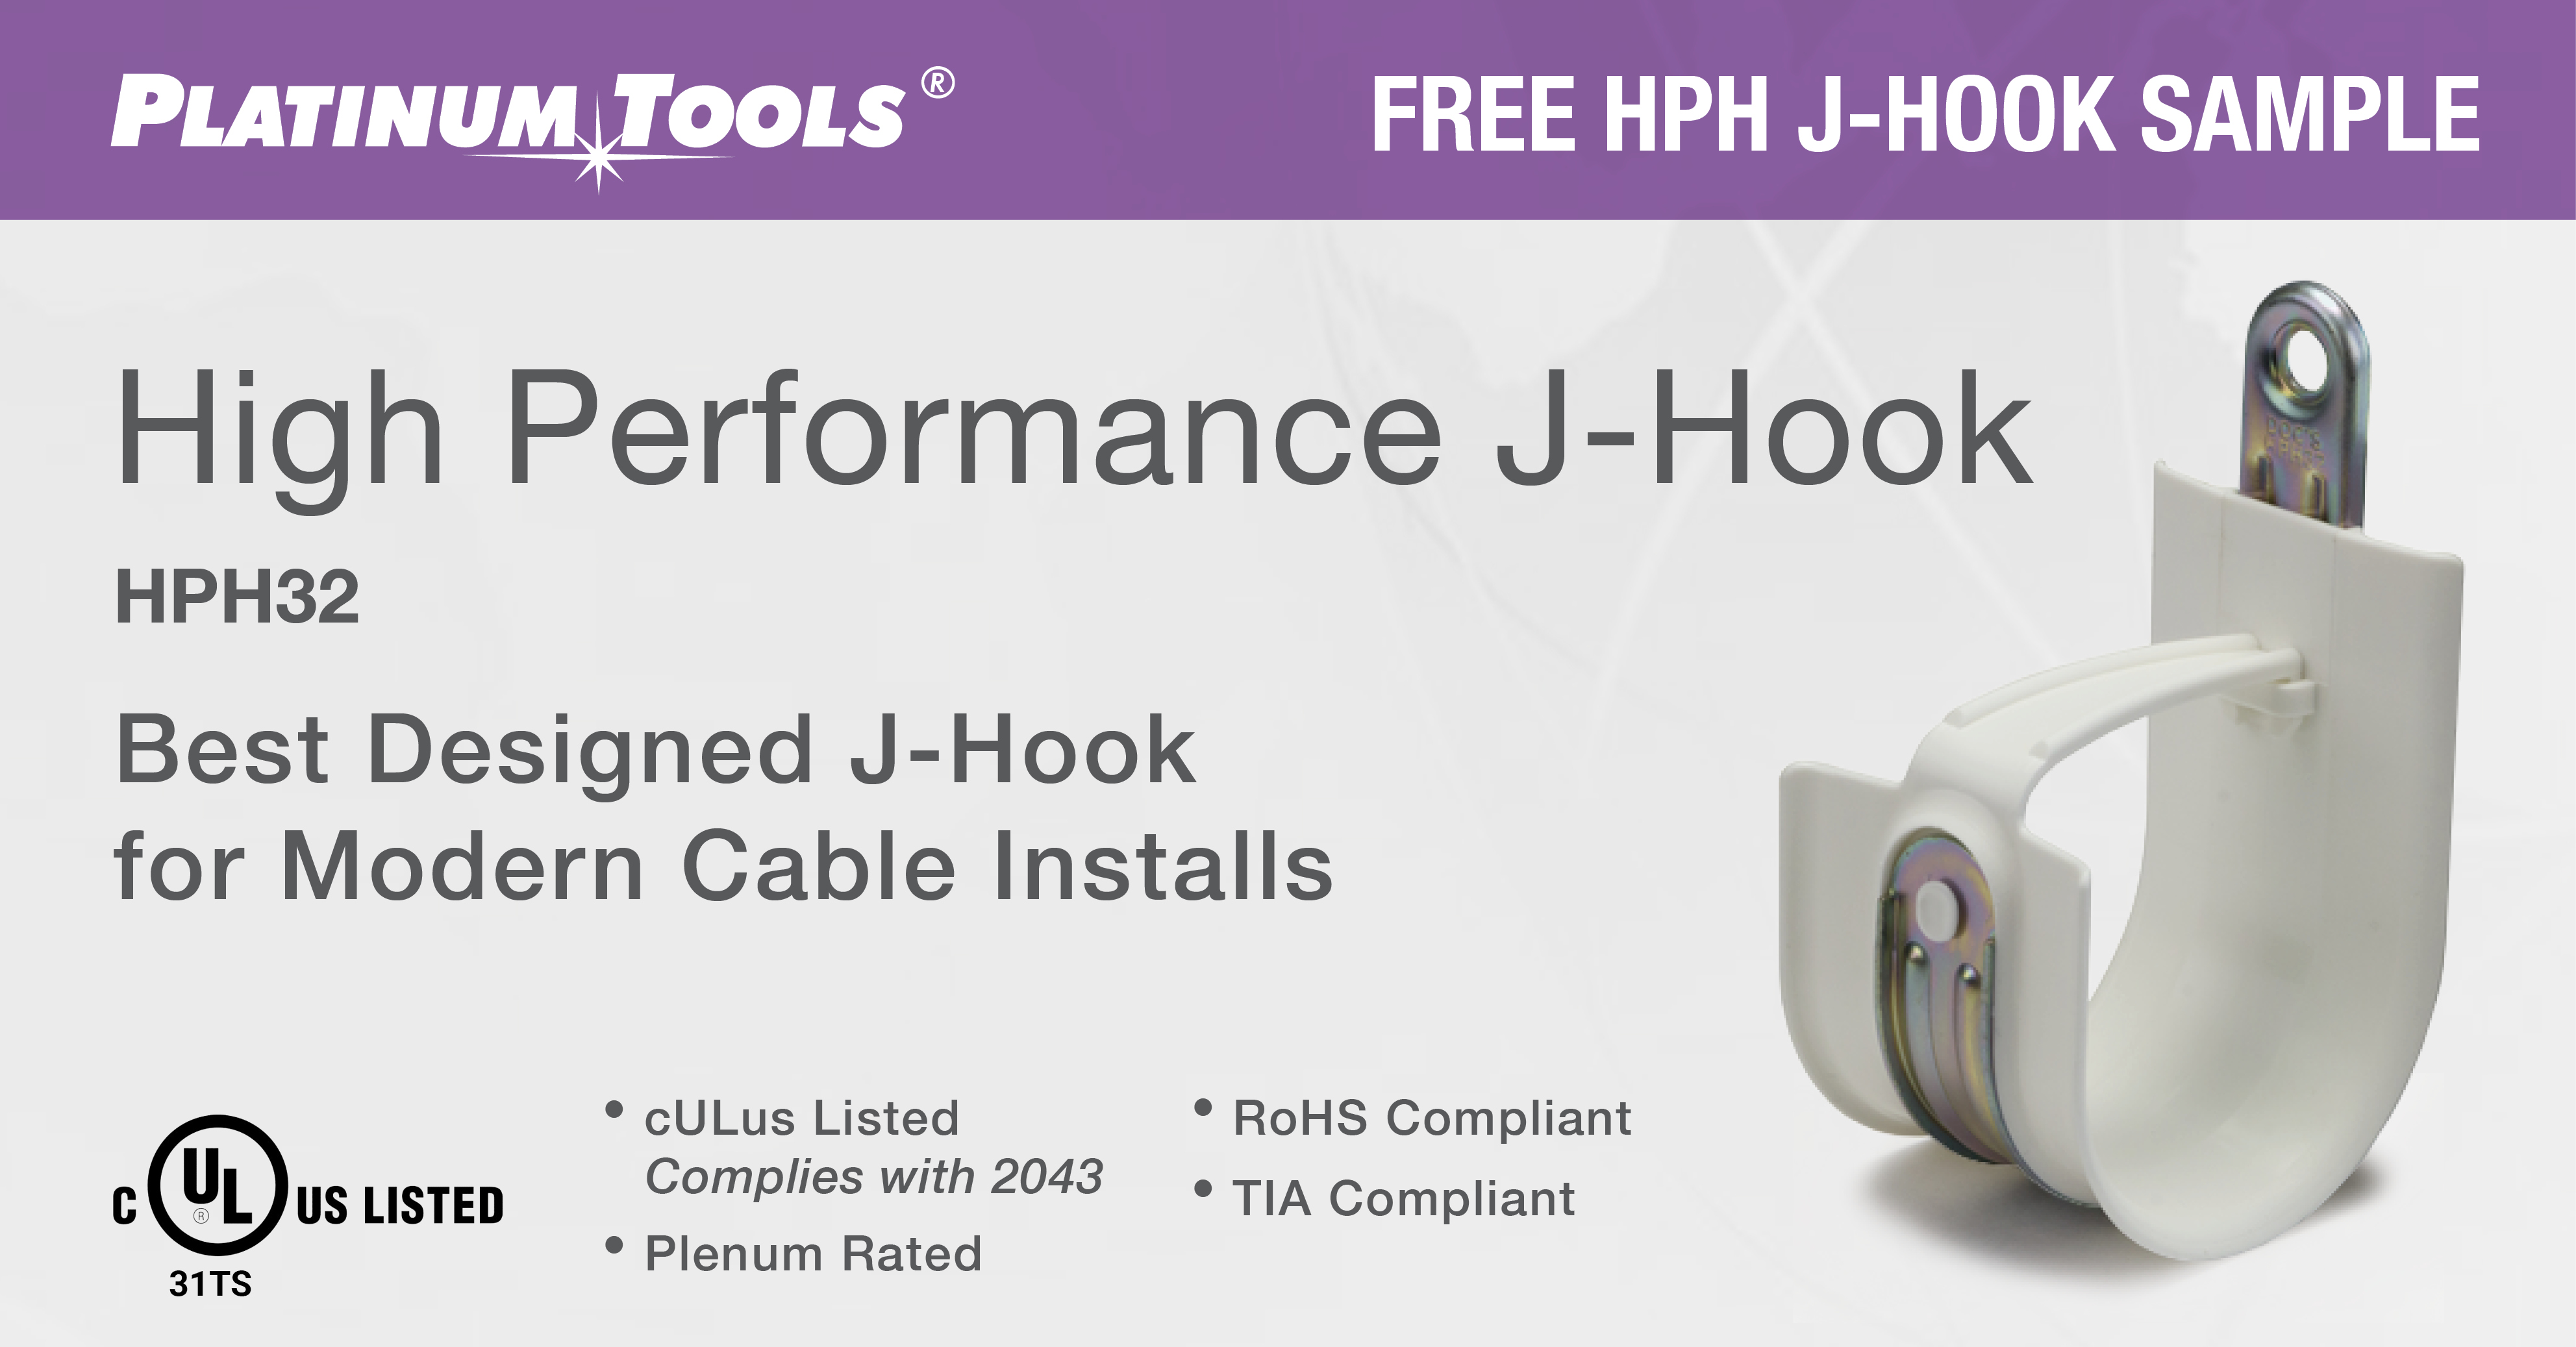 J-Hook Sample Platinum Tools